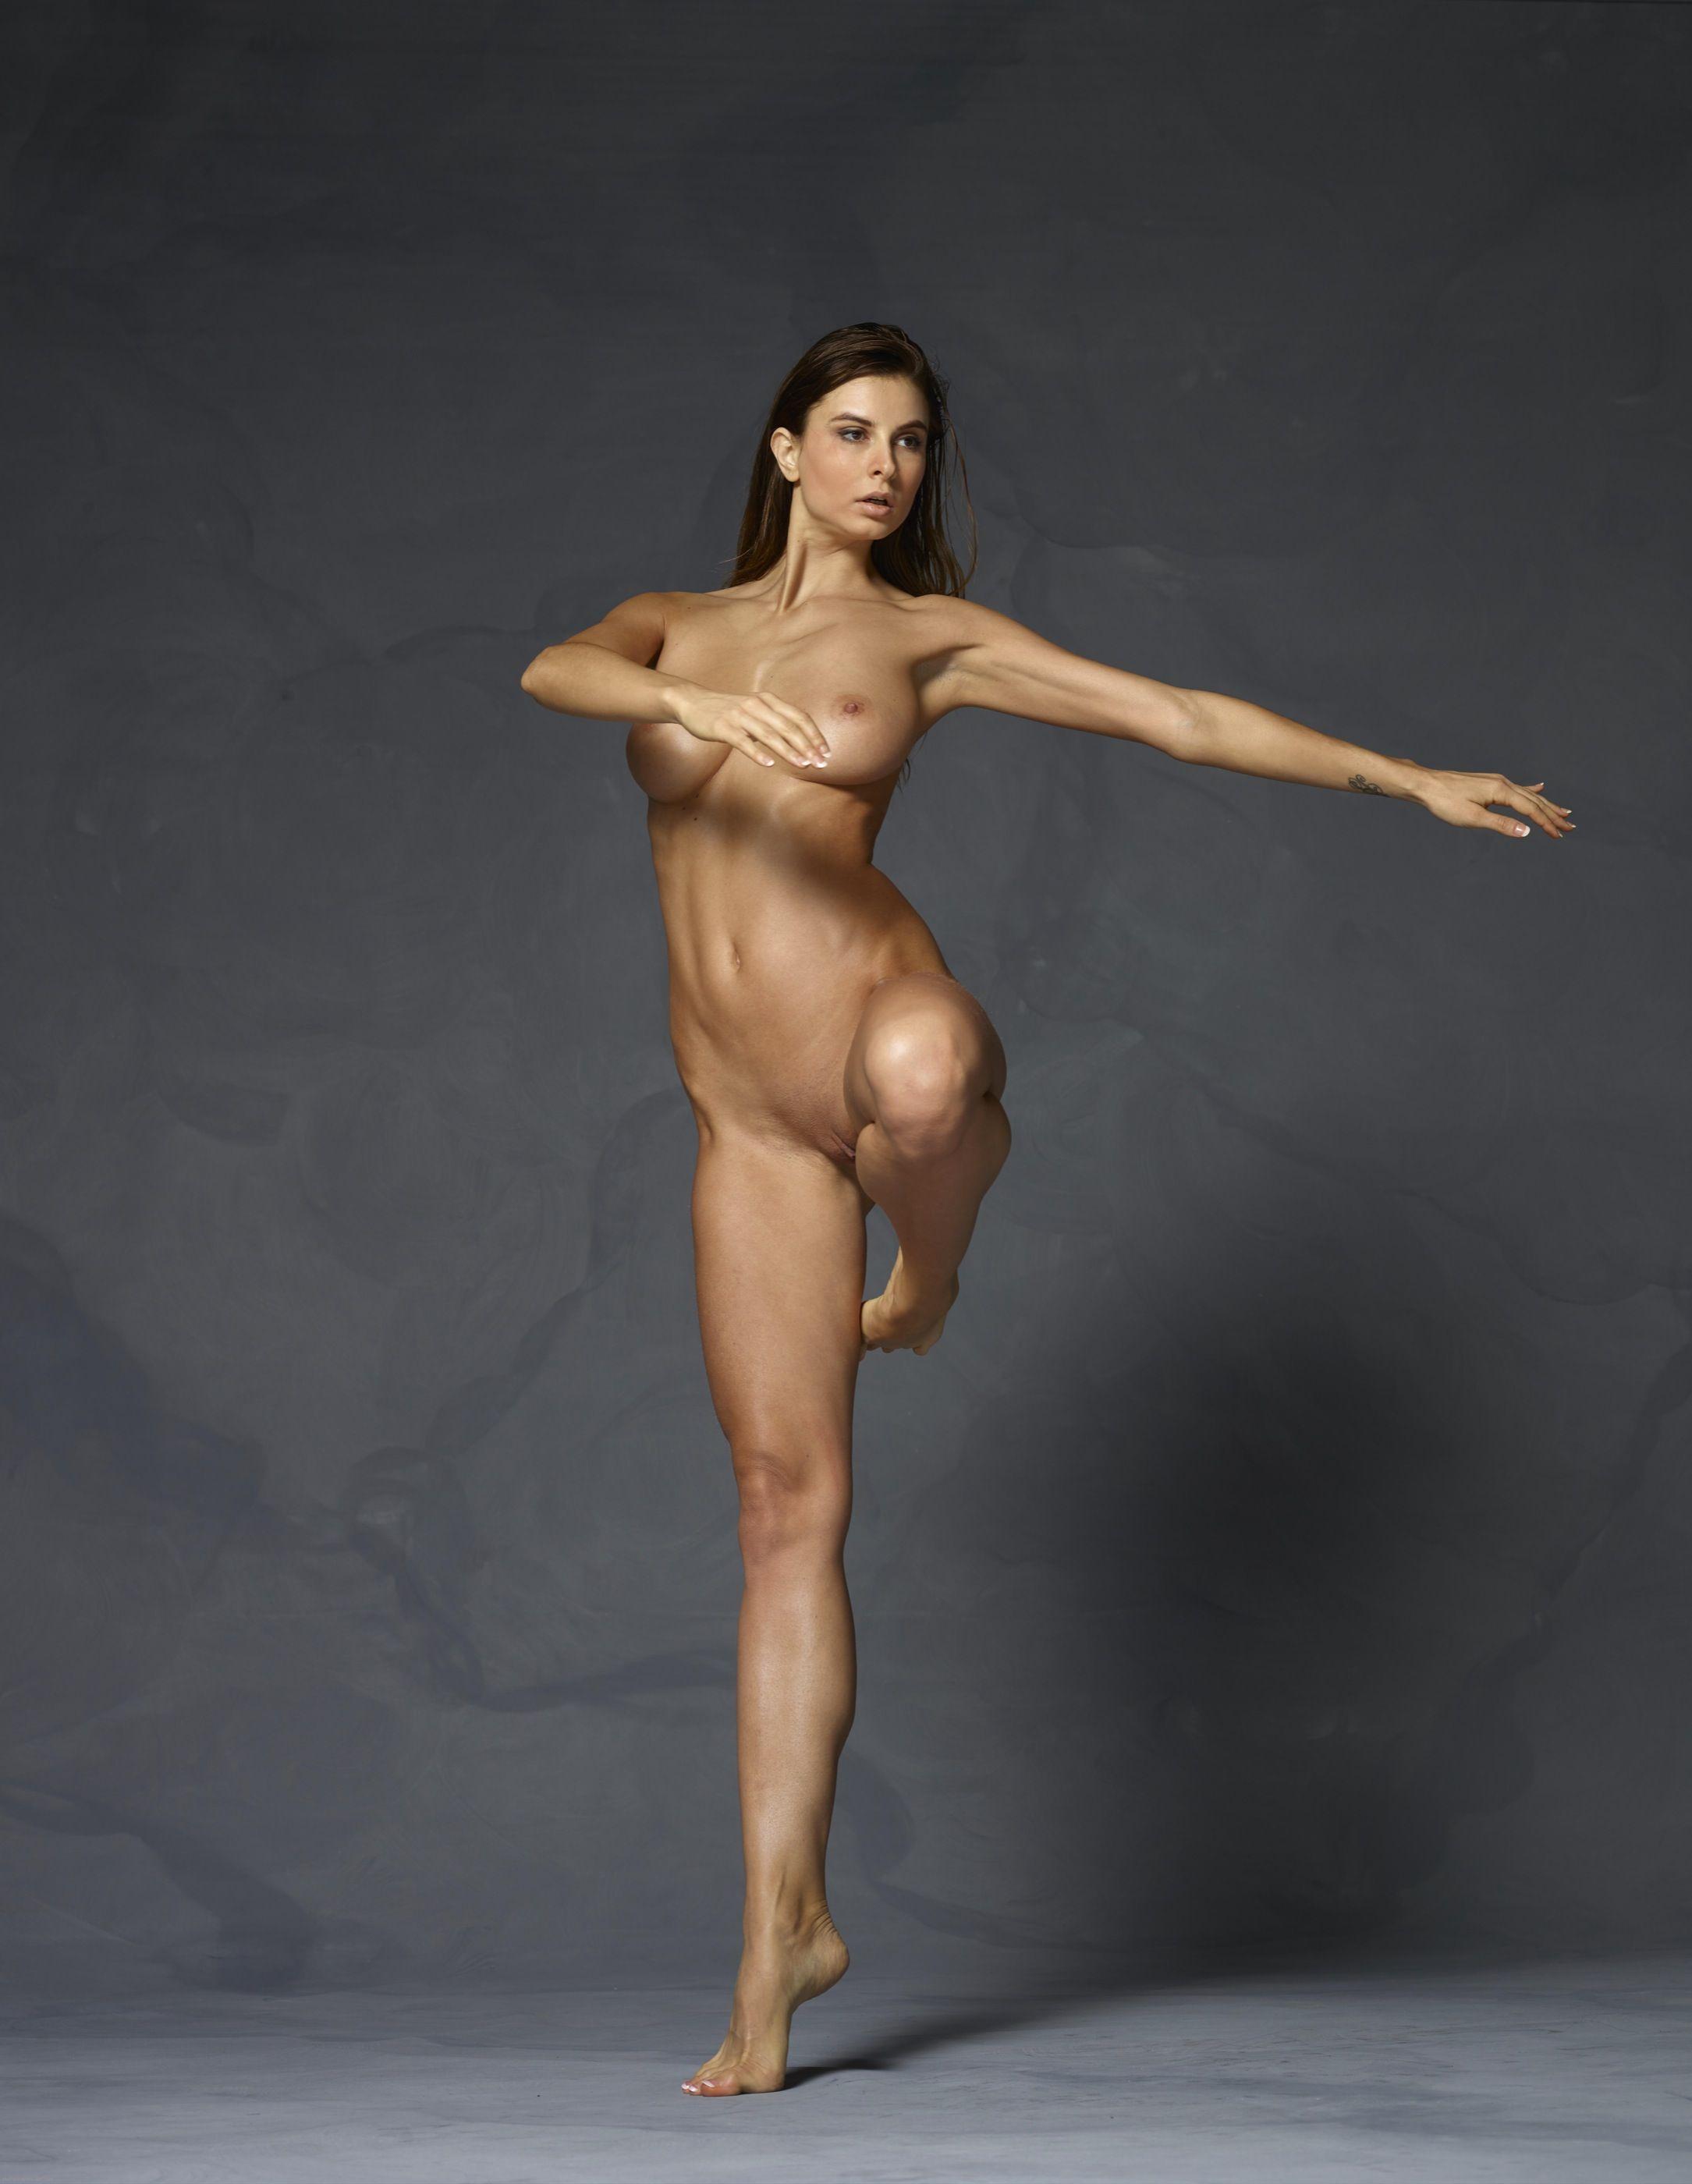 Asian naked female body gallery girl balcony